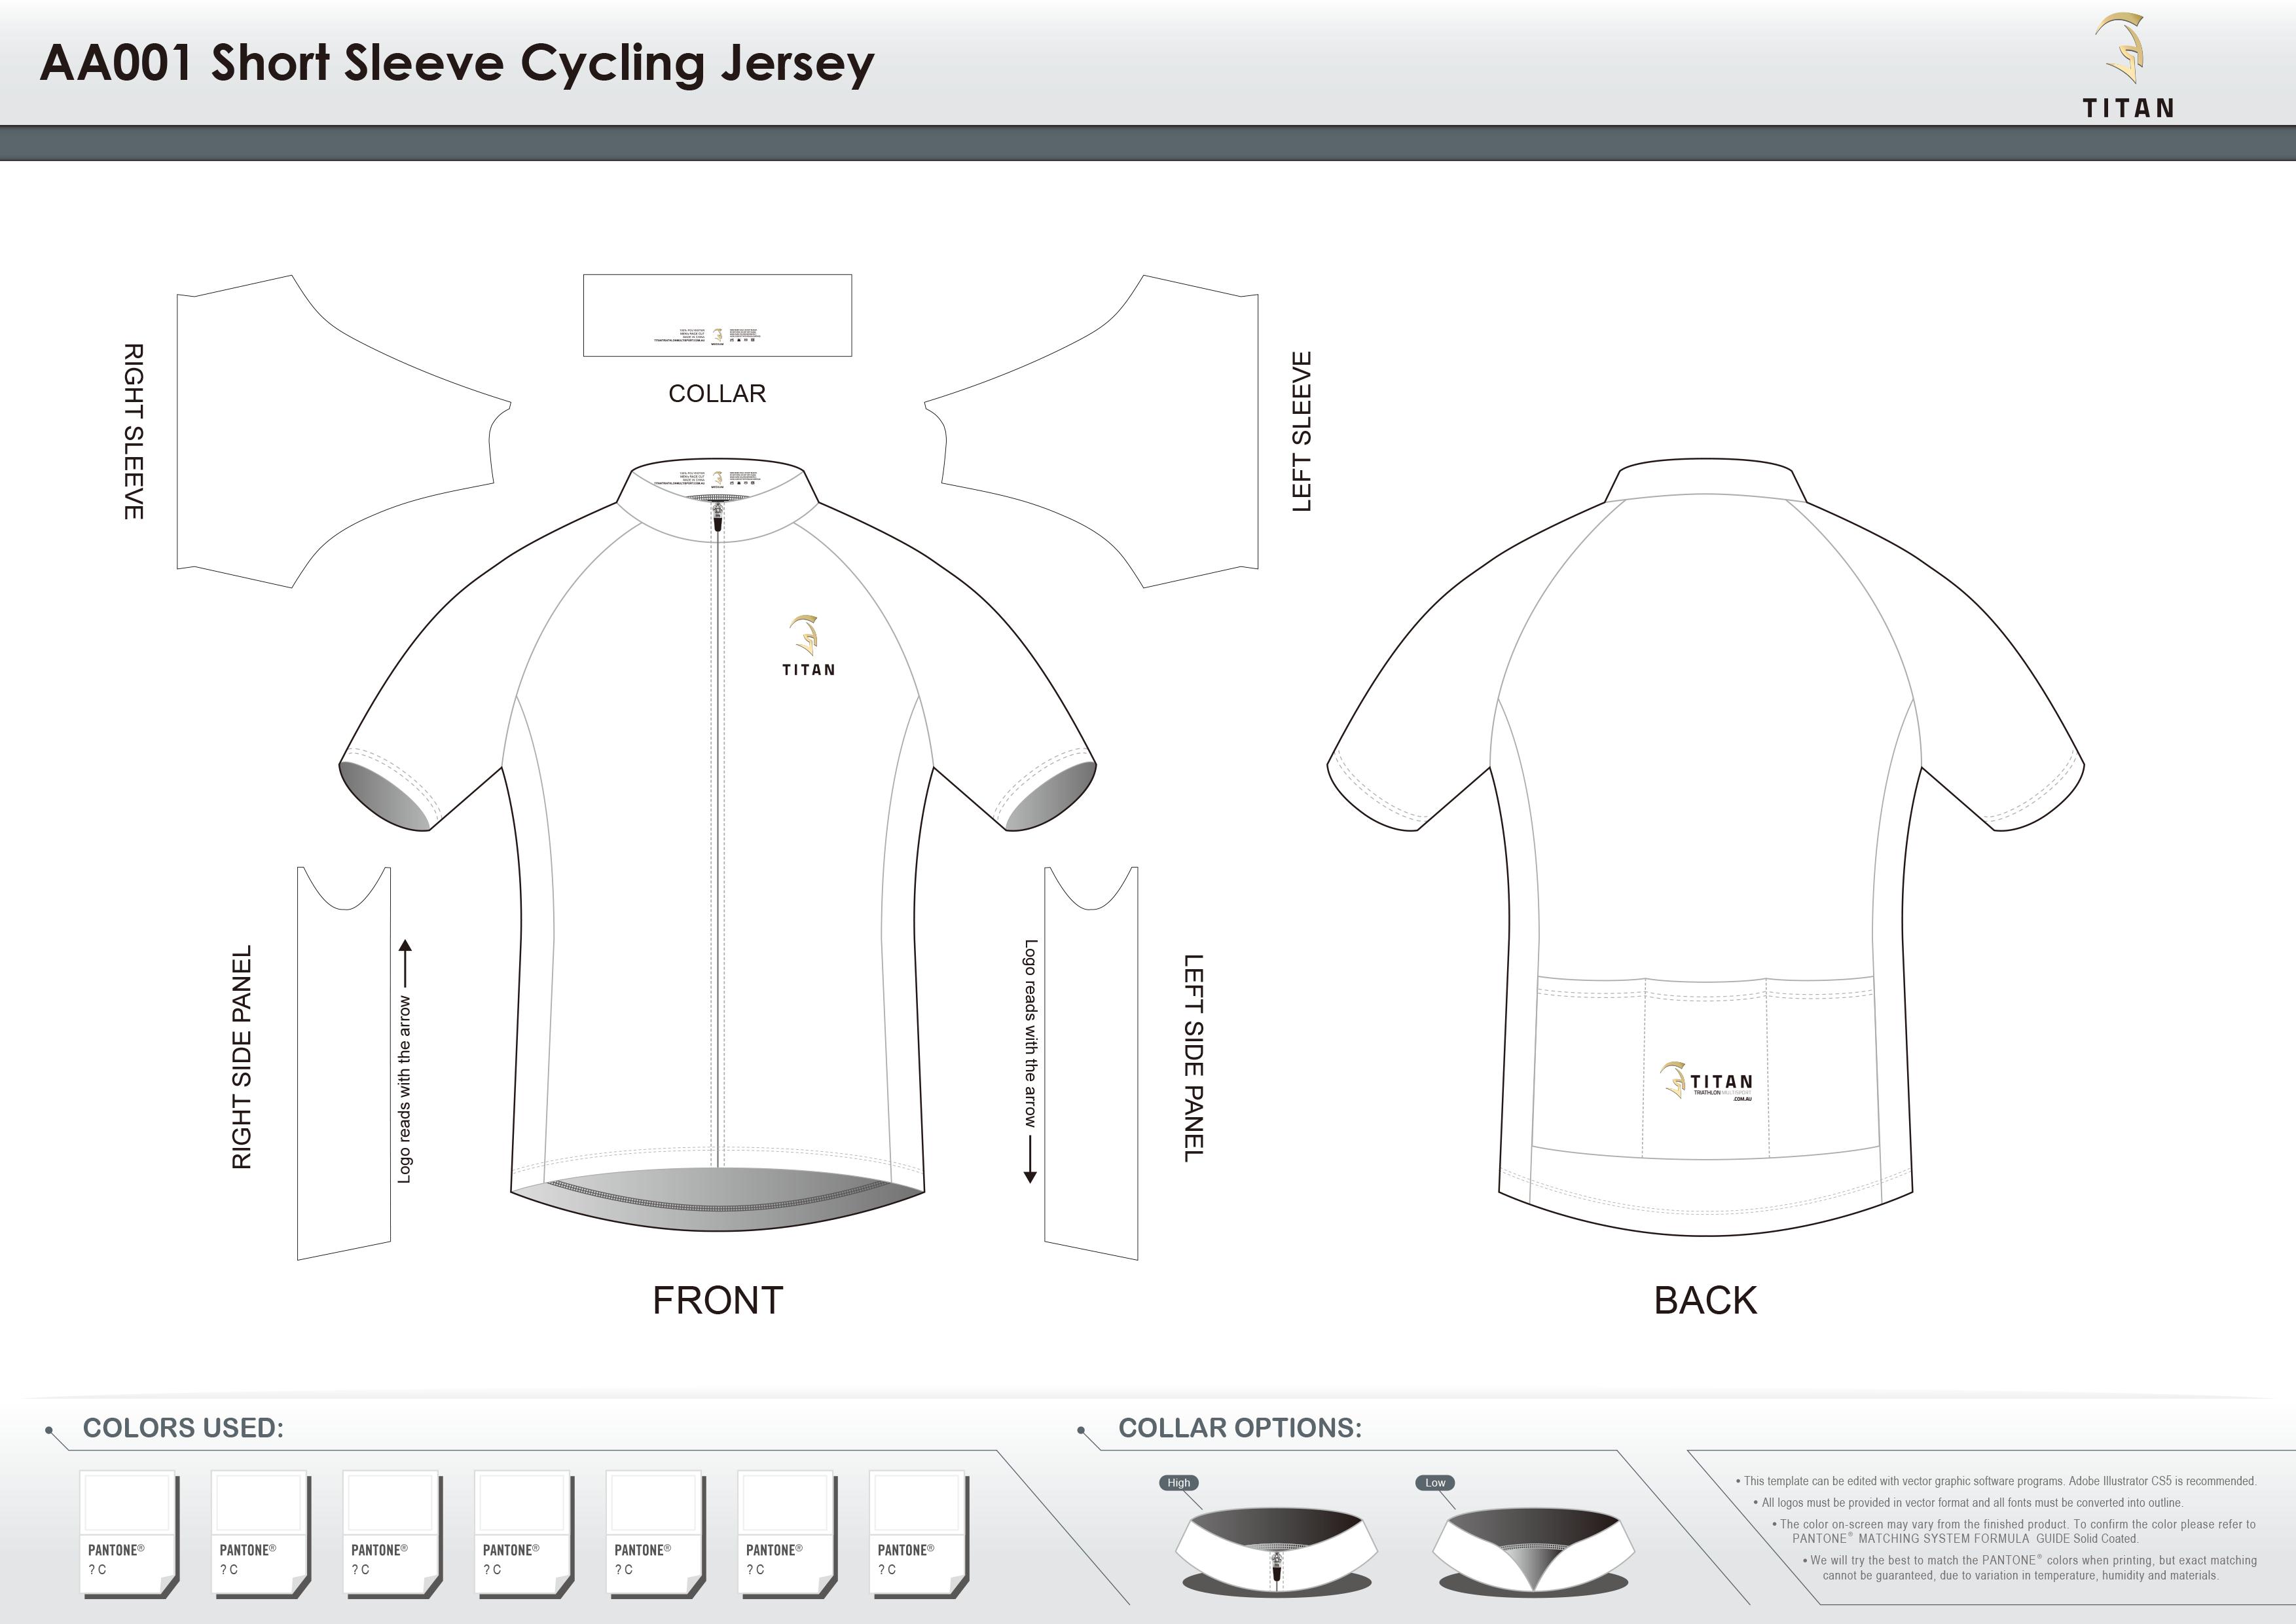 AA001 SS Cycling Jersey